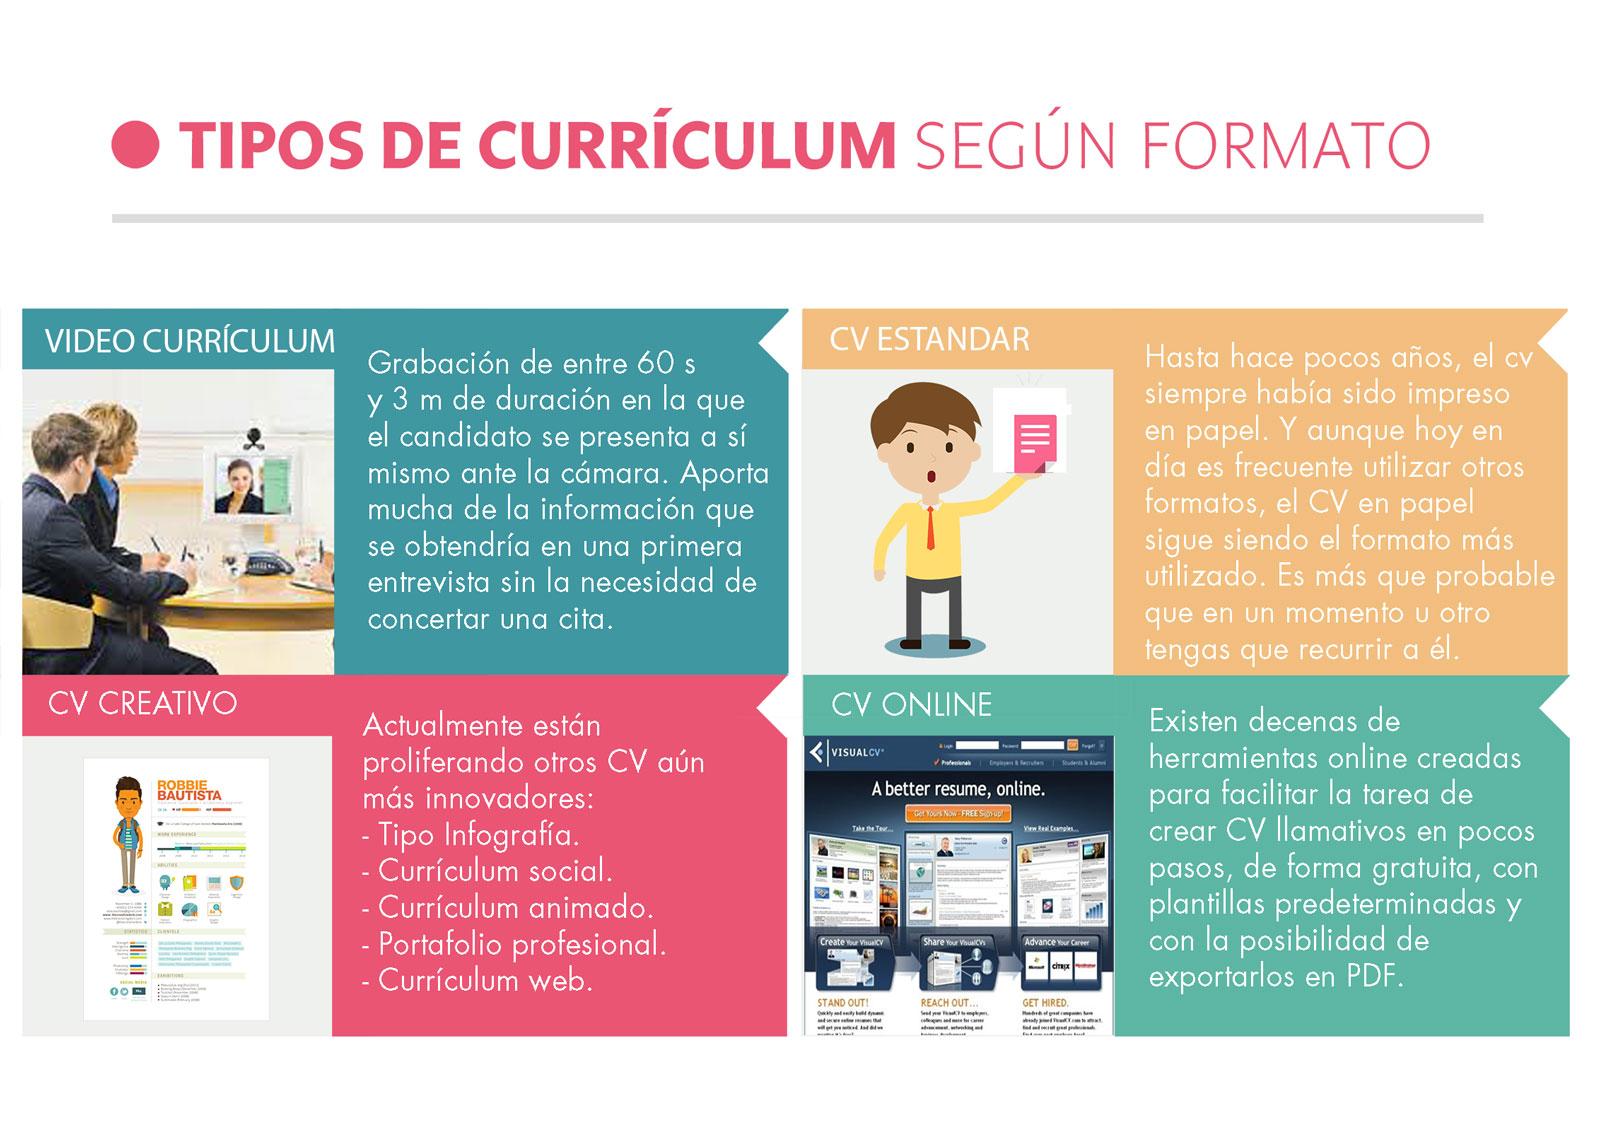 format-estandar-videocurriculum-online-originales